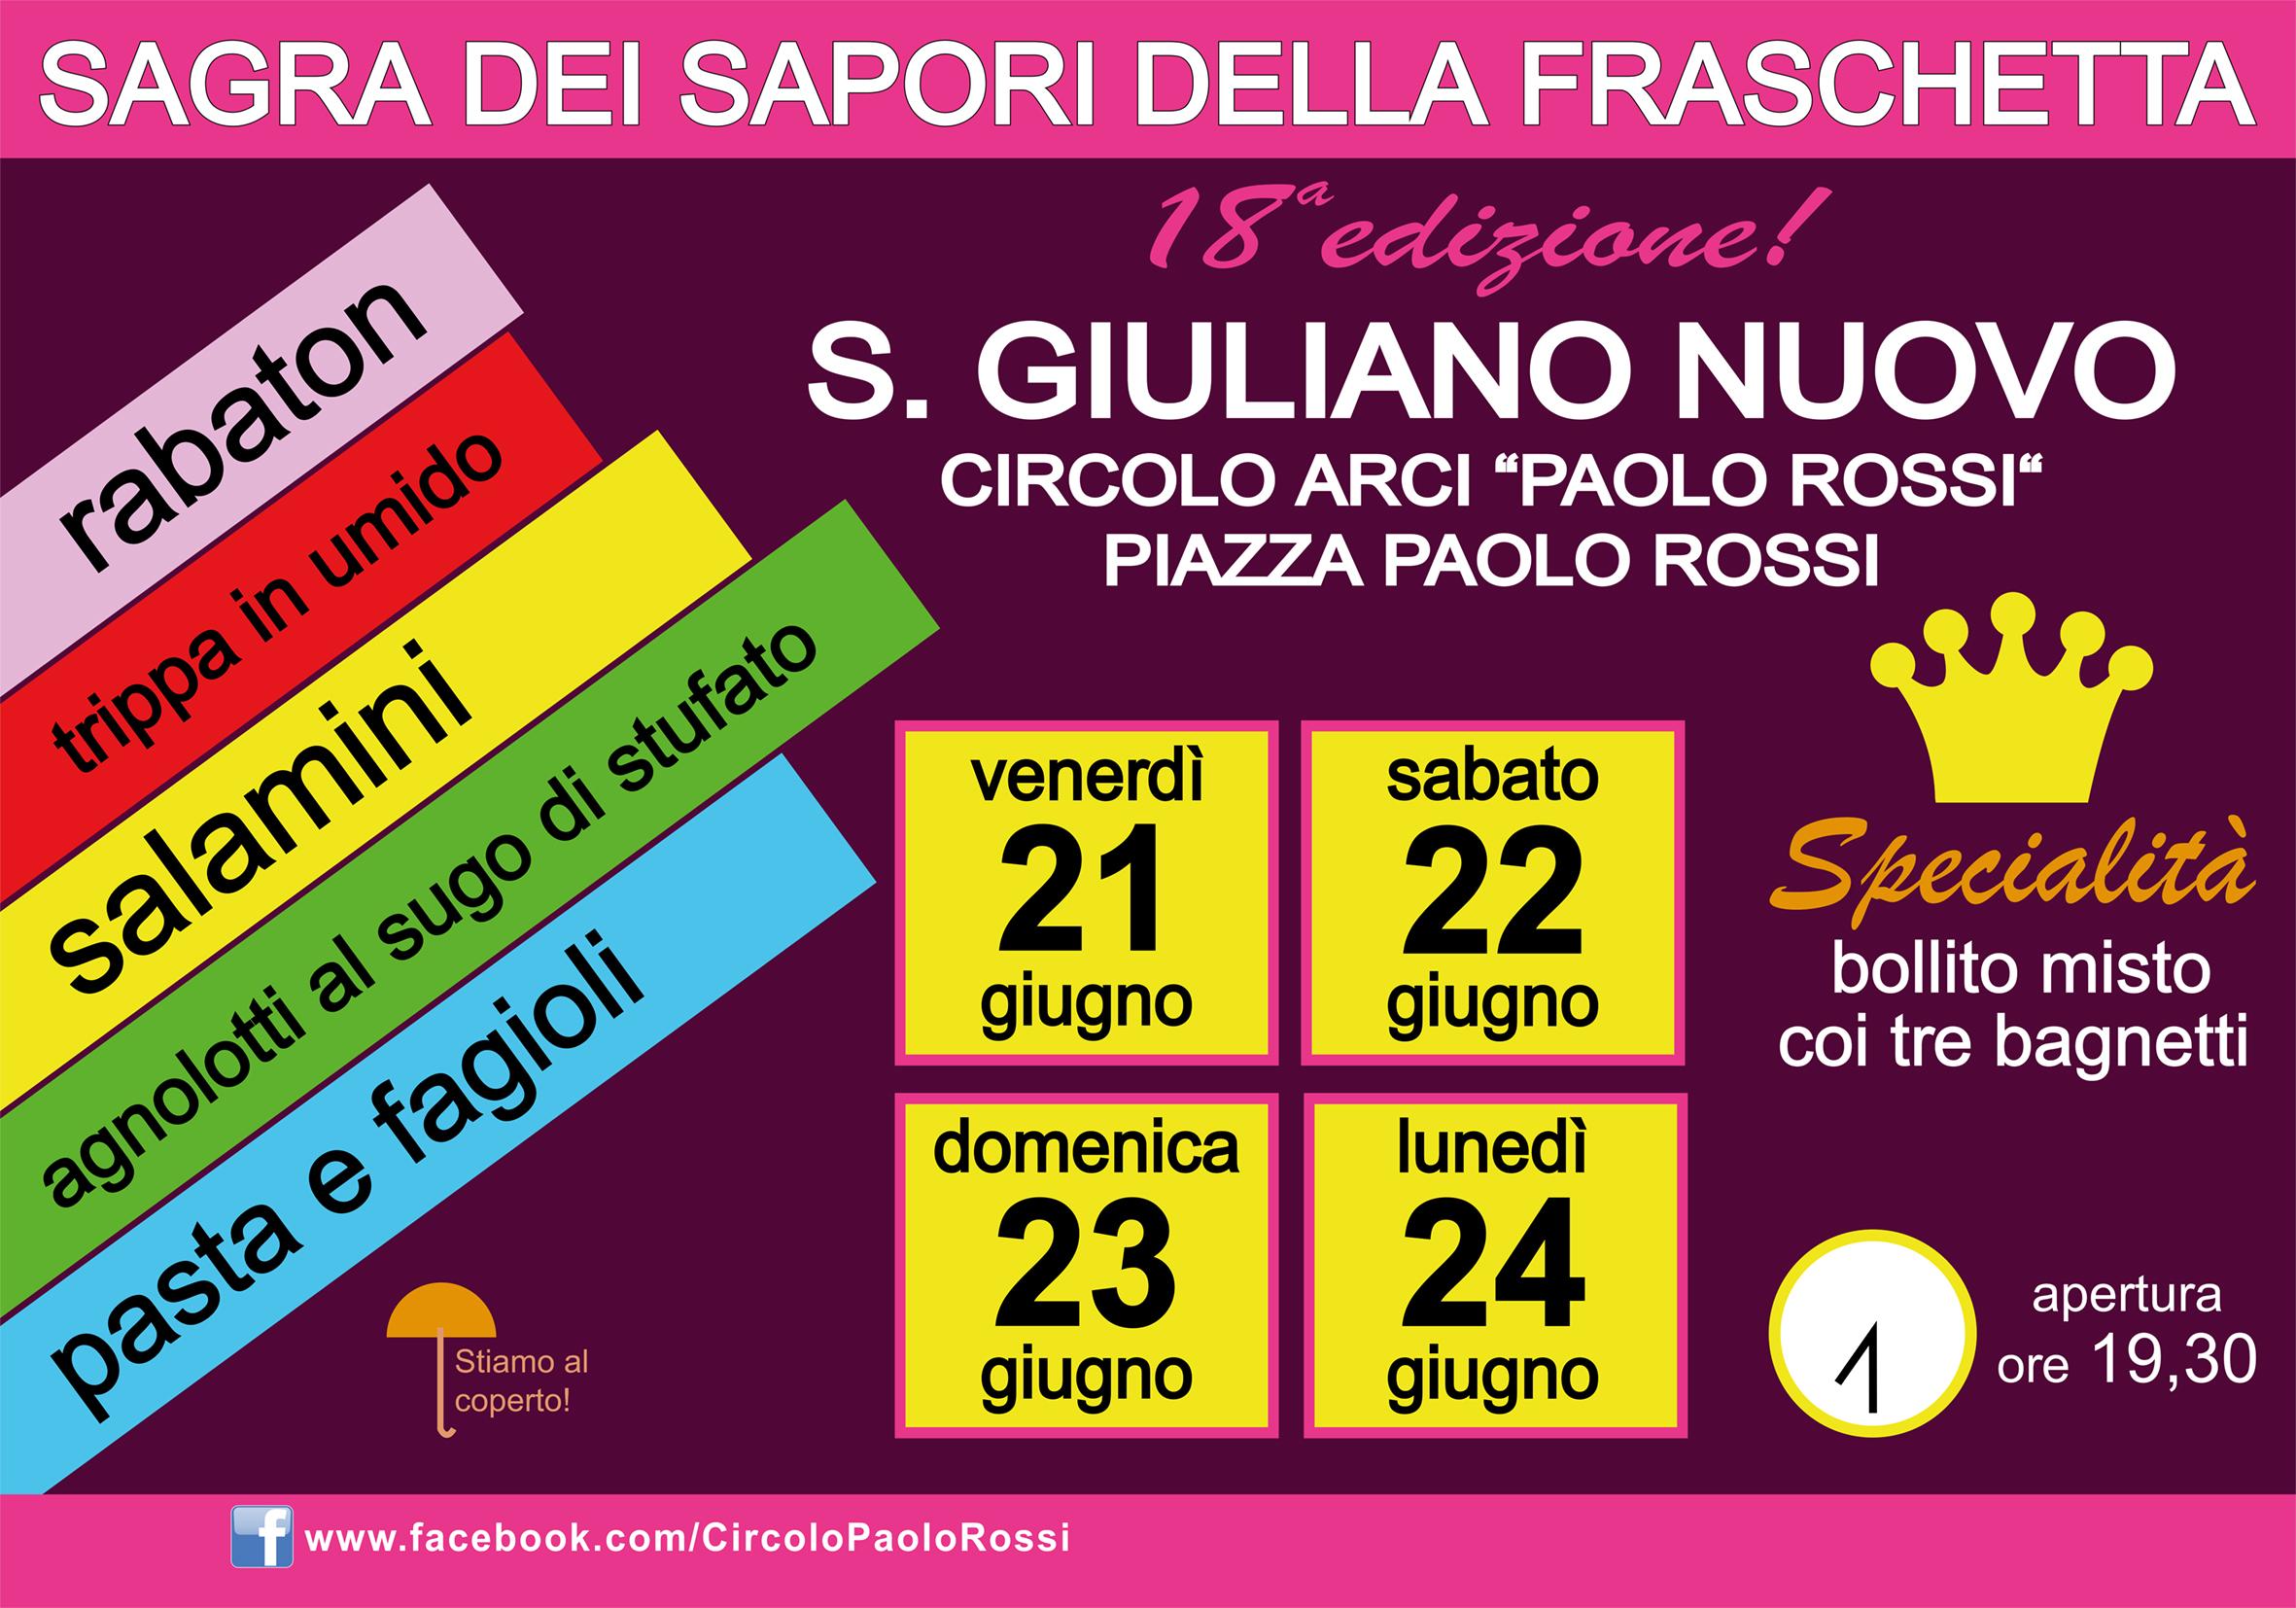 ALESSANDRIA: Sagra dei Sapori della Fraschetta 2019 a San Giuliano Nuovo